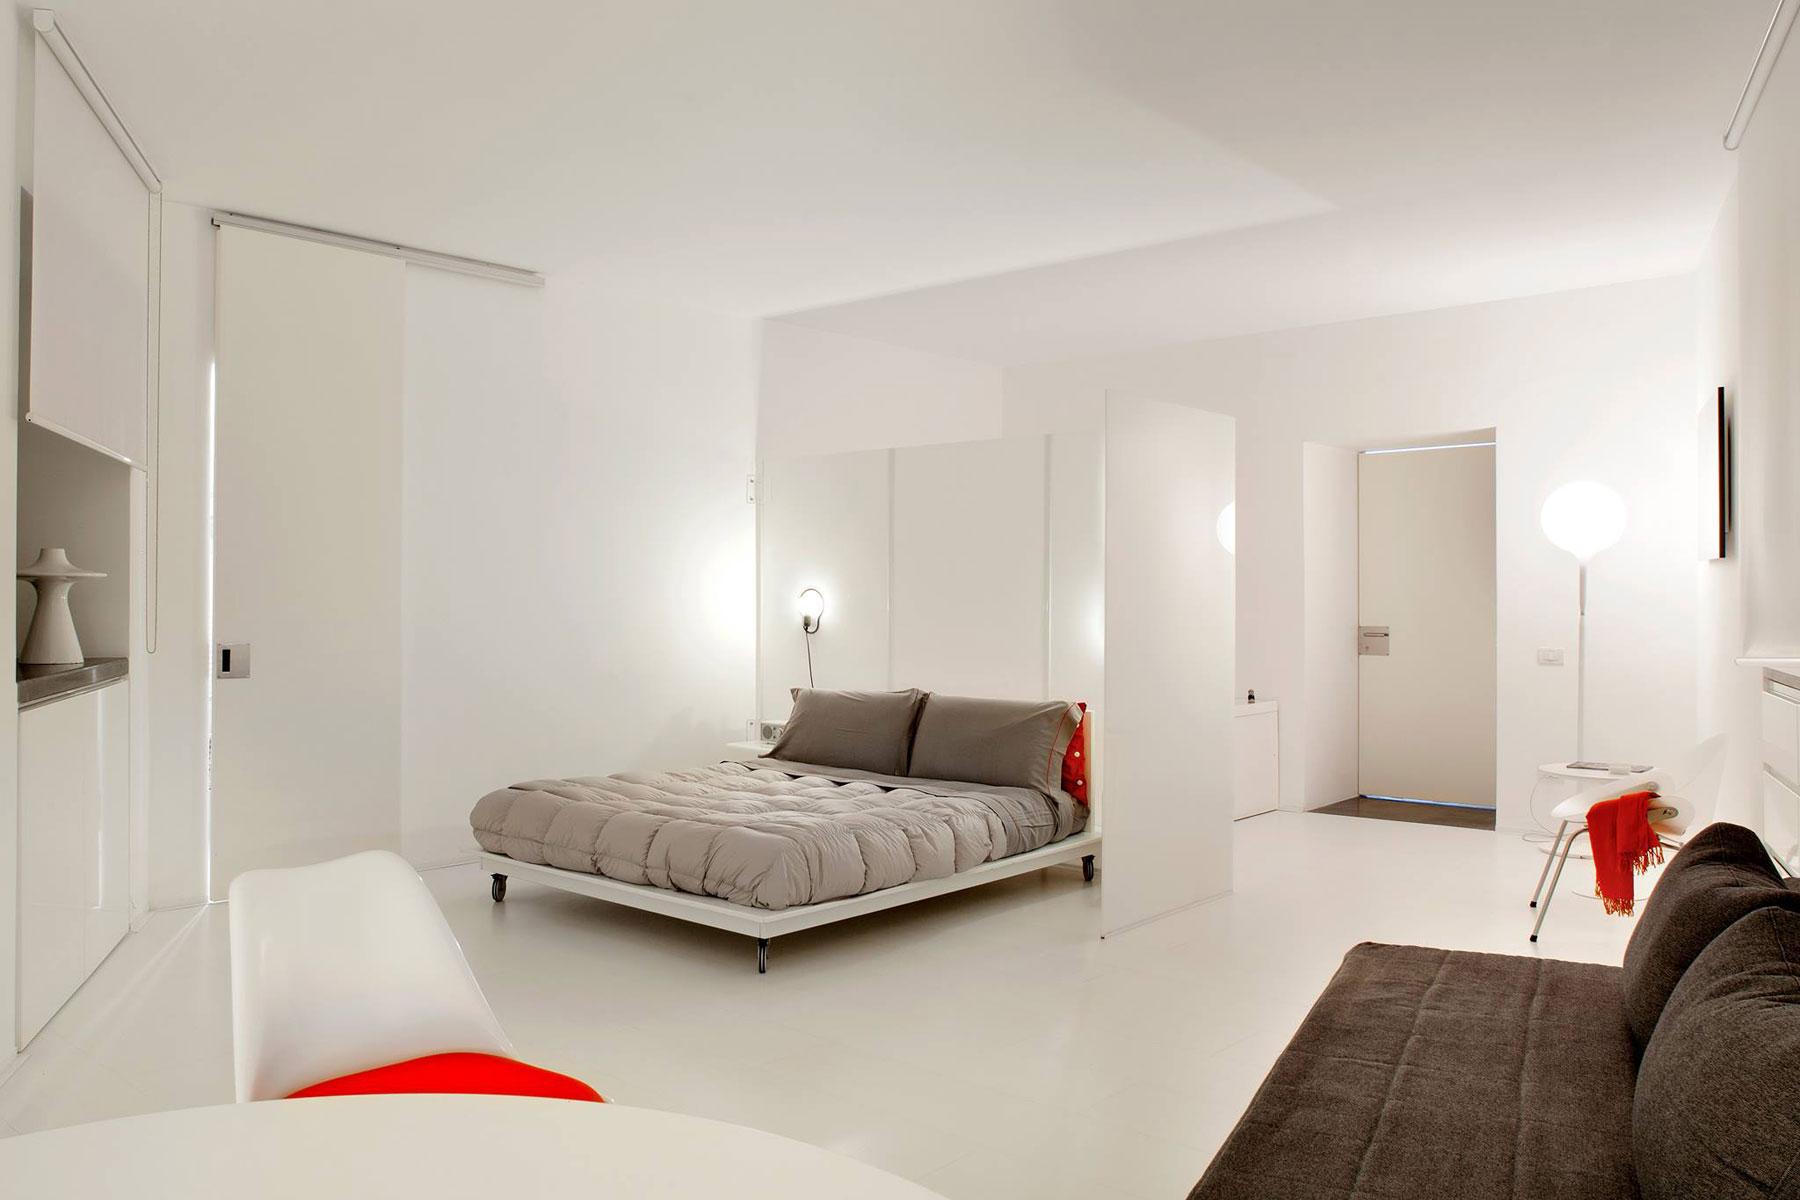 PM3, Bed and Breakfast Napoli (Via del Parco Regina Margherita 3)